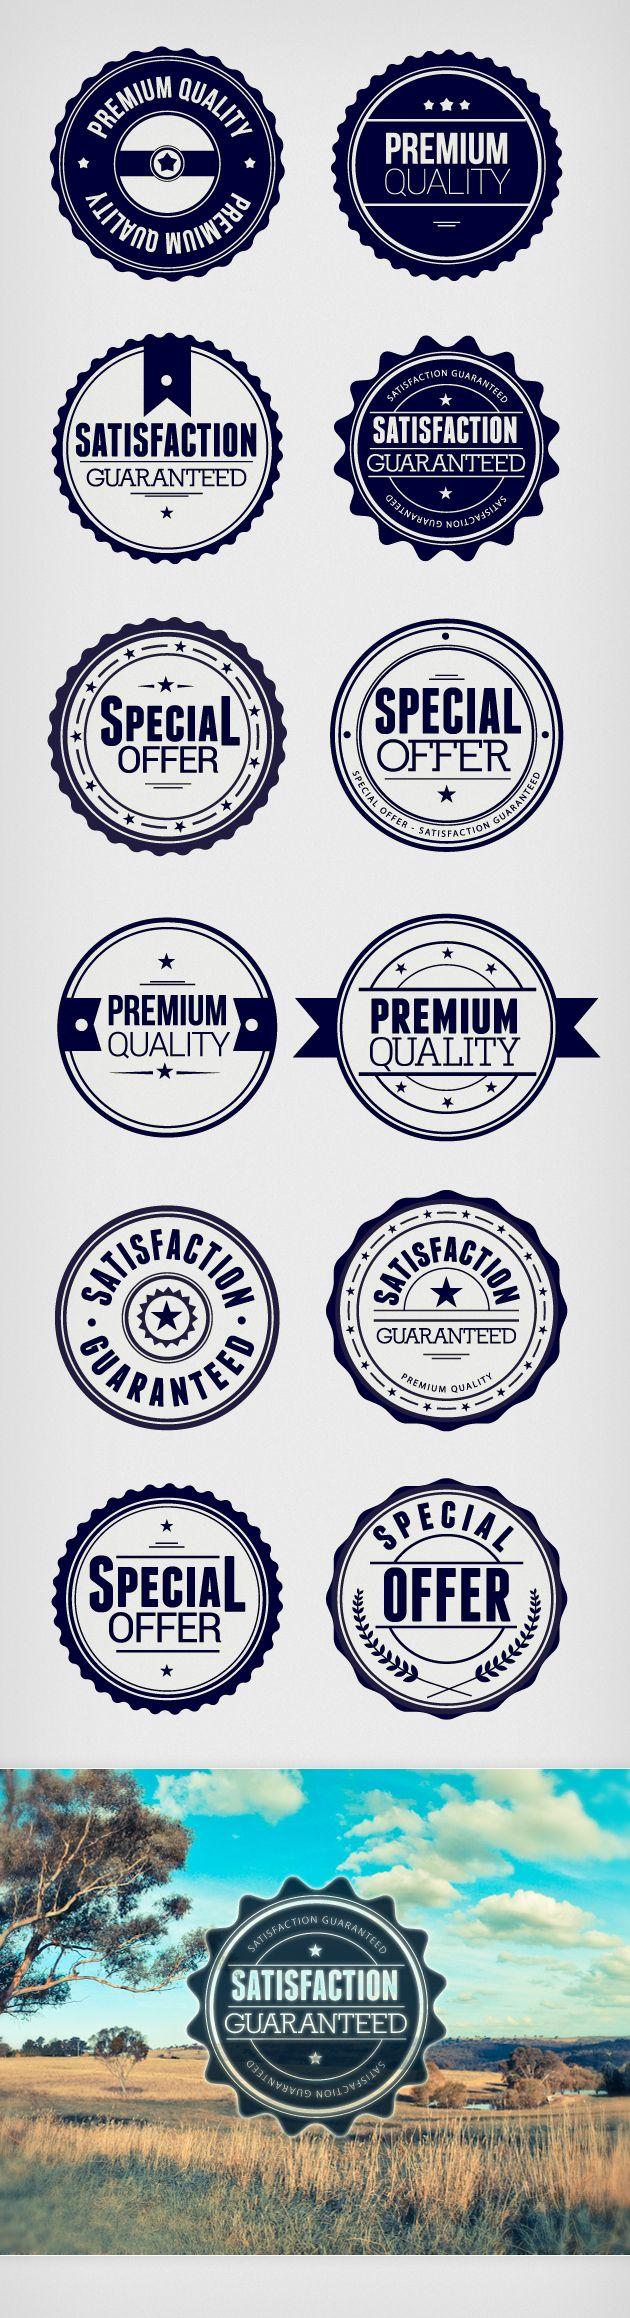 designtnt-vector-clean-modern-badges-large